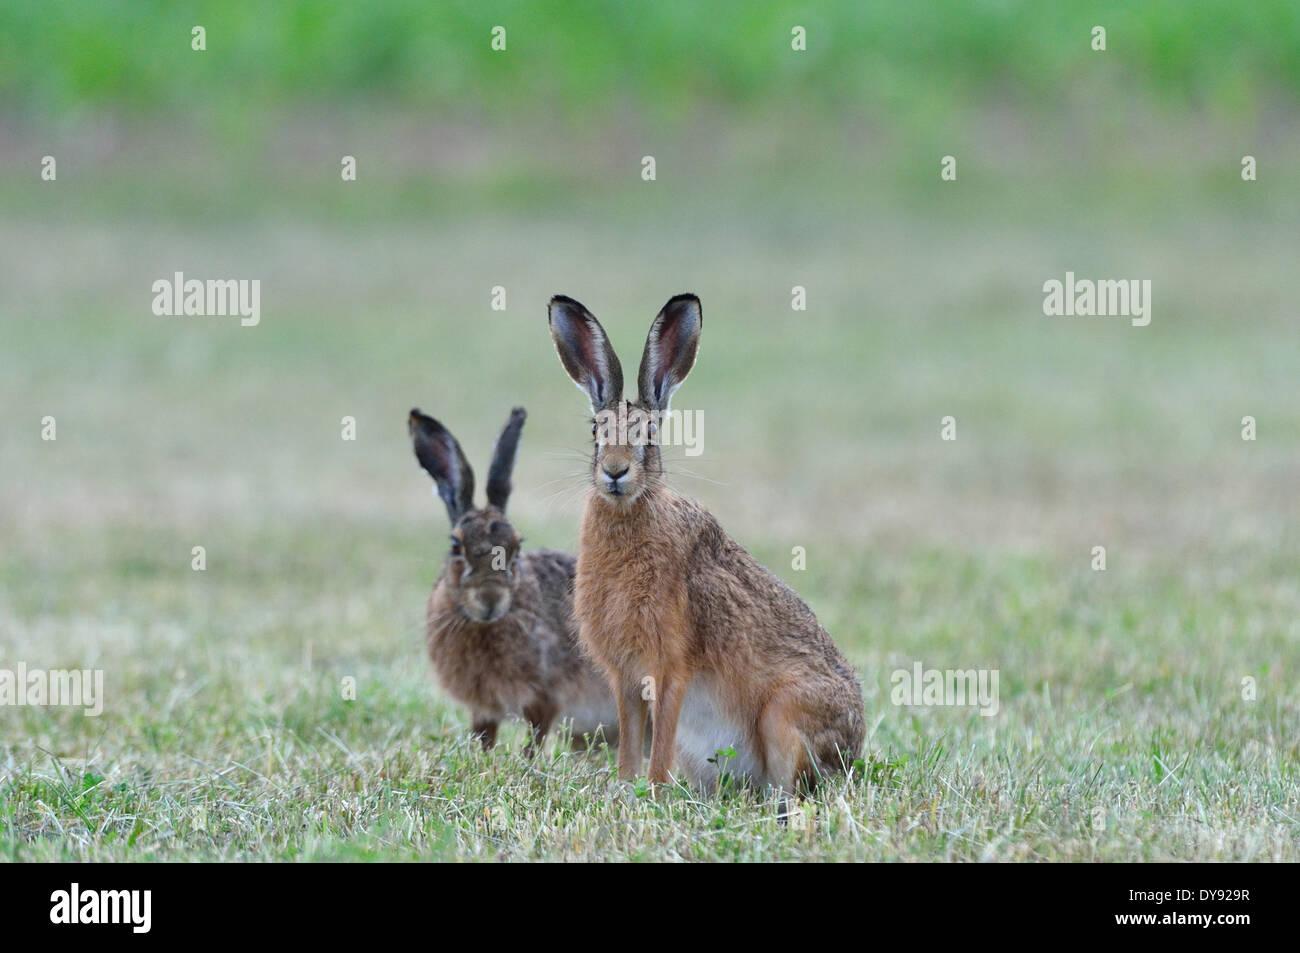 Conejo liebre Lepus europaeus Pallas brown hare bunny liebres conejos roedores pueden juego animal salvaje de la naturaleza animal animales Alemania, Imagen De Stock